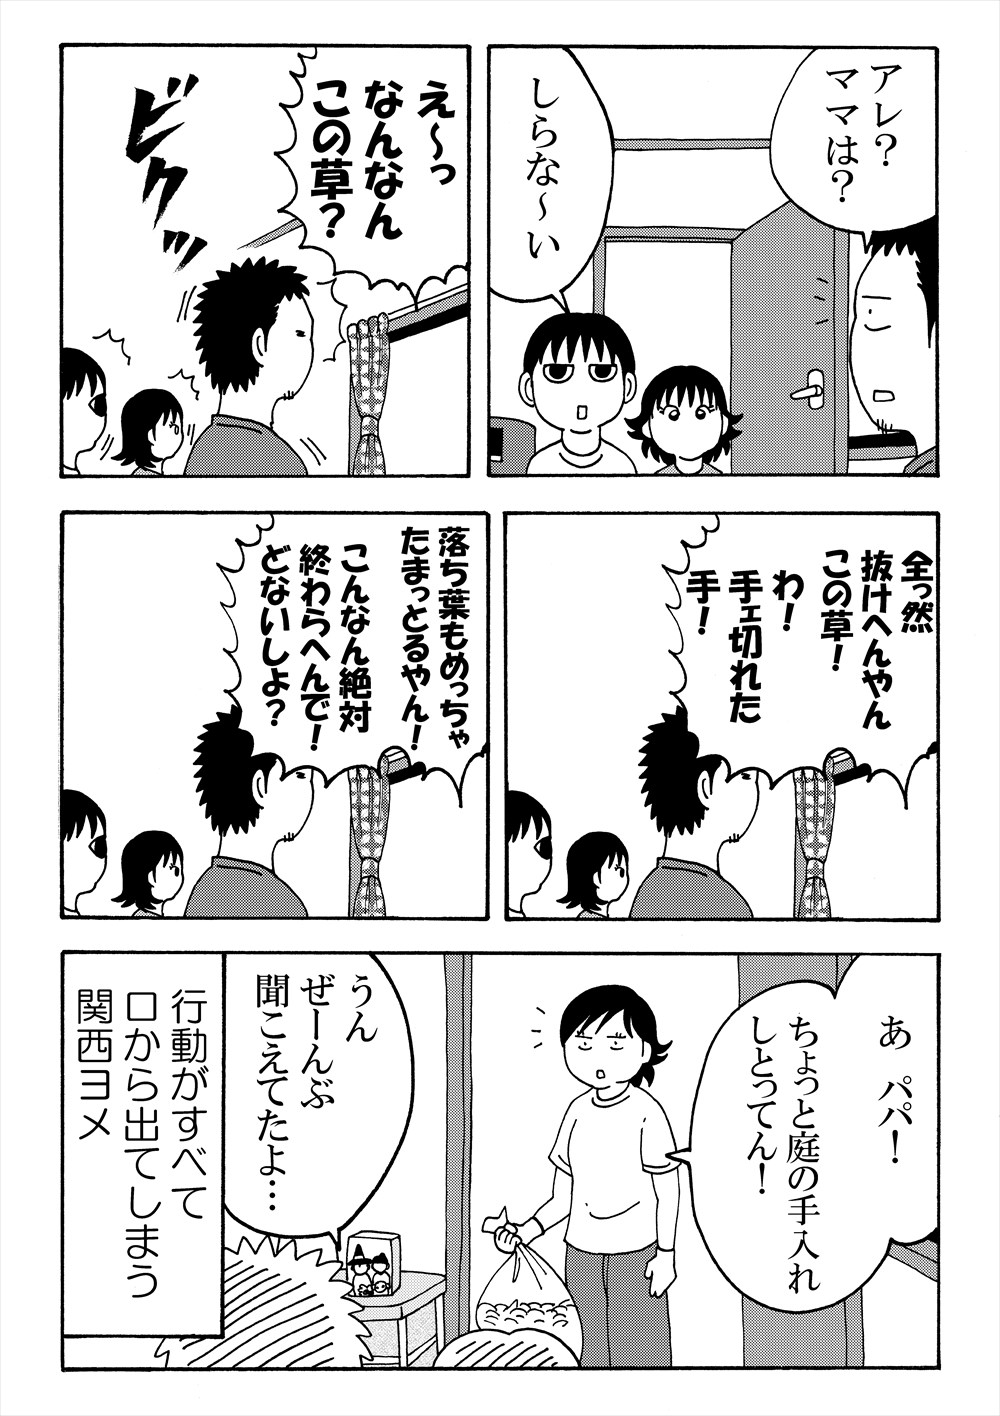 yokoyamake13_R